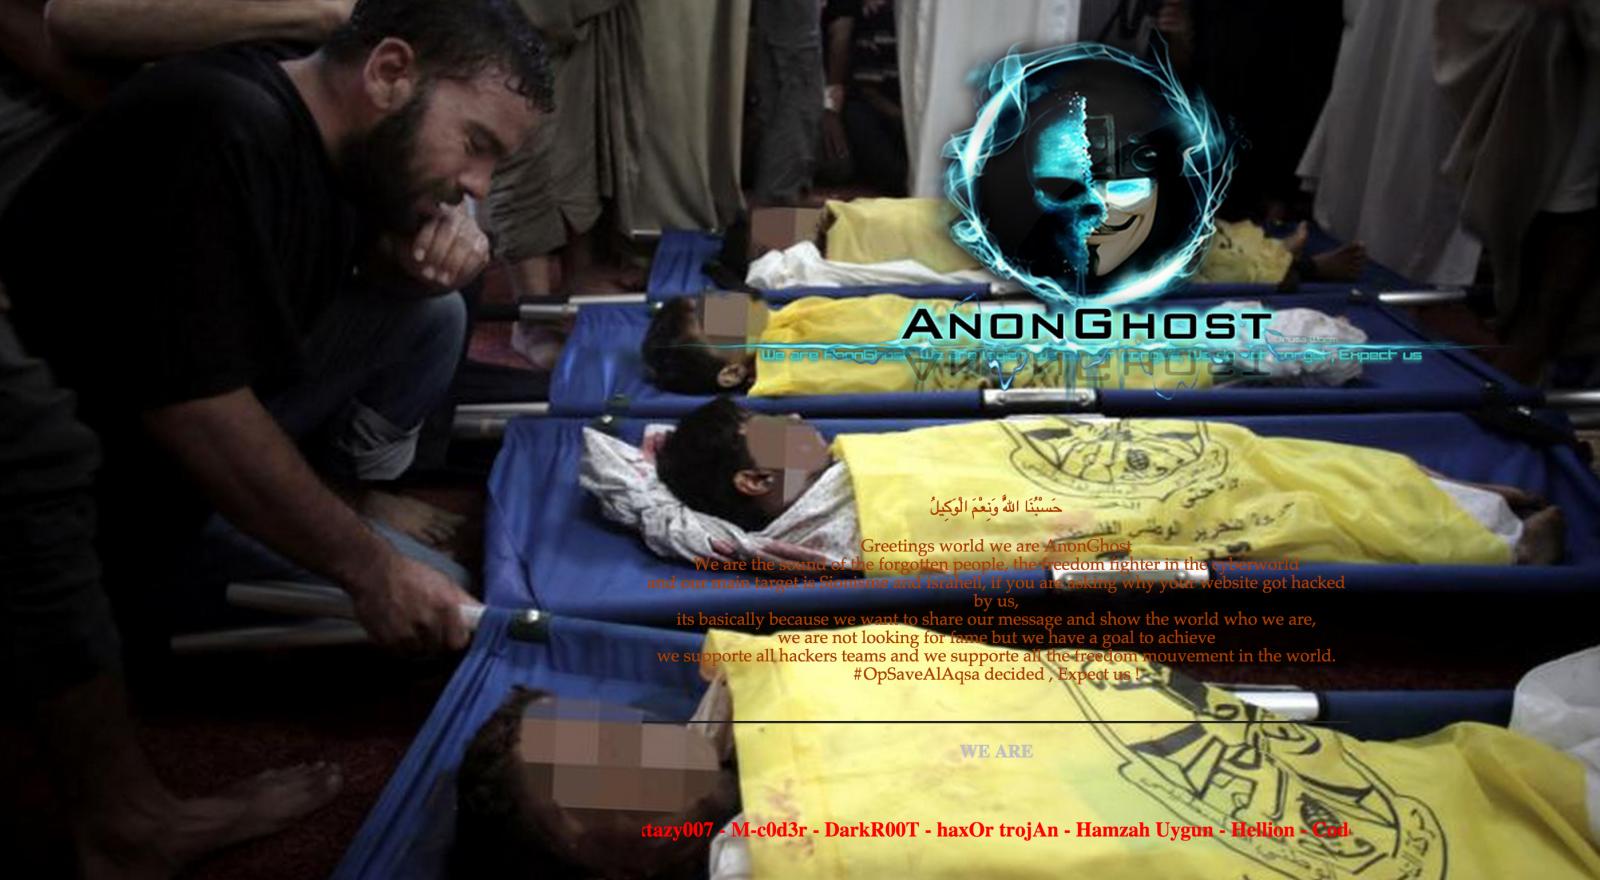 AnonGhost Hacks UN Website